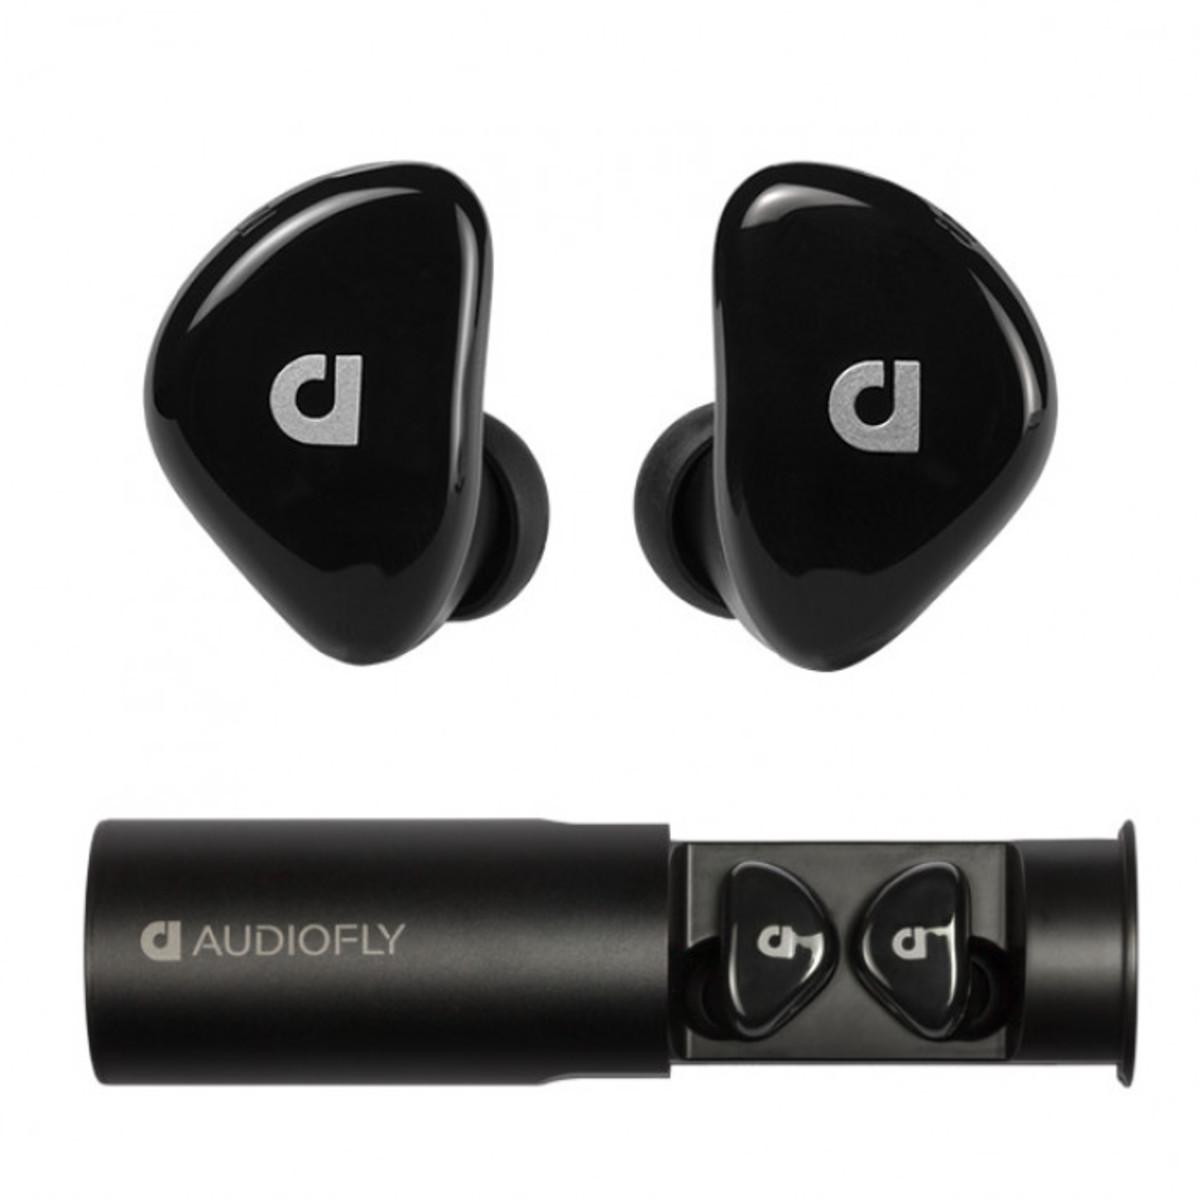 Audiofly AFT1 True Wireless Earbuds